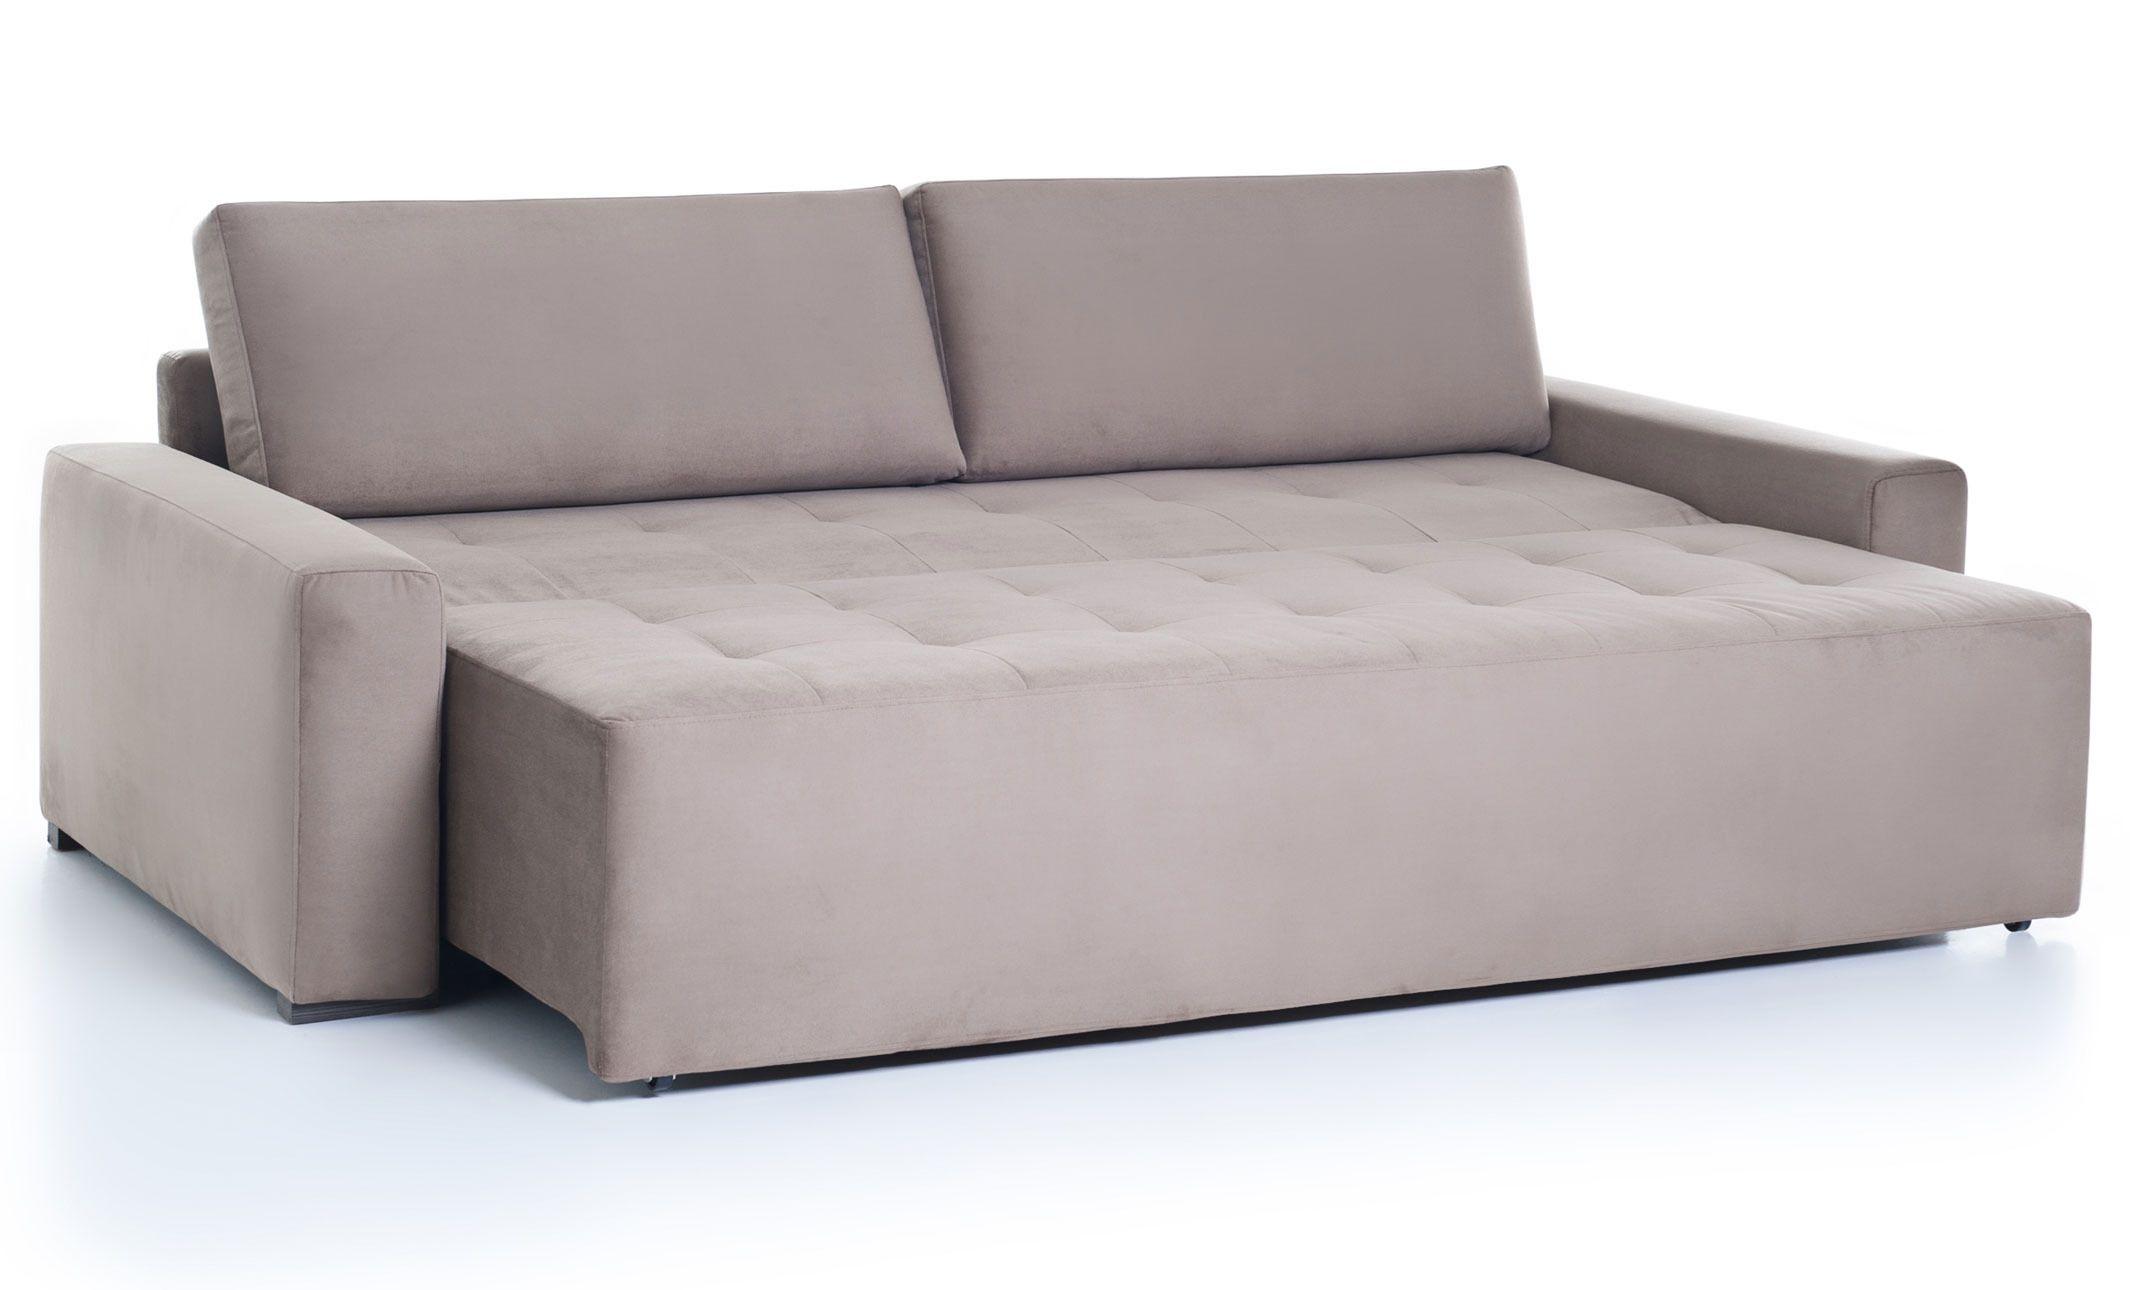 Sofa k500 lider pesquisa google decora o pinterest for Sofa cama homecenter